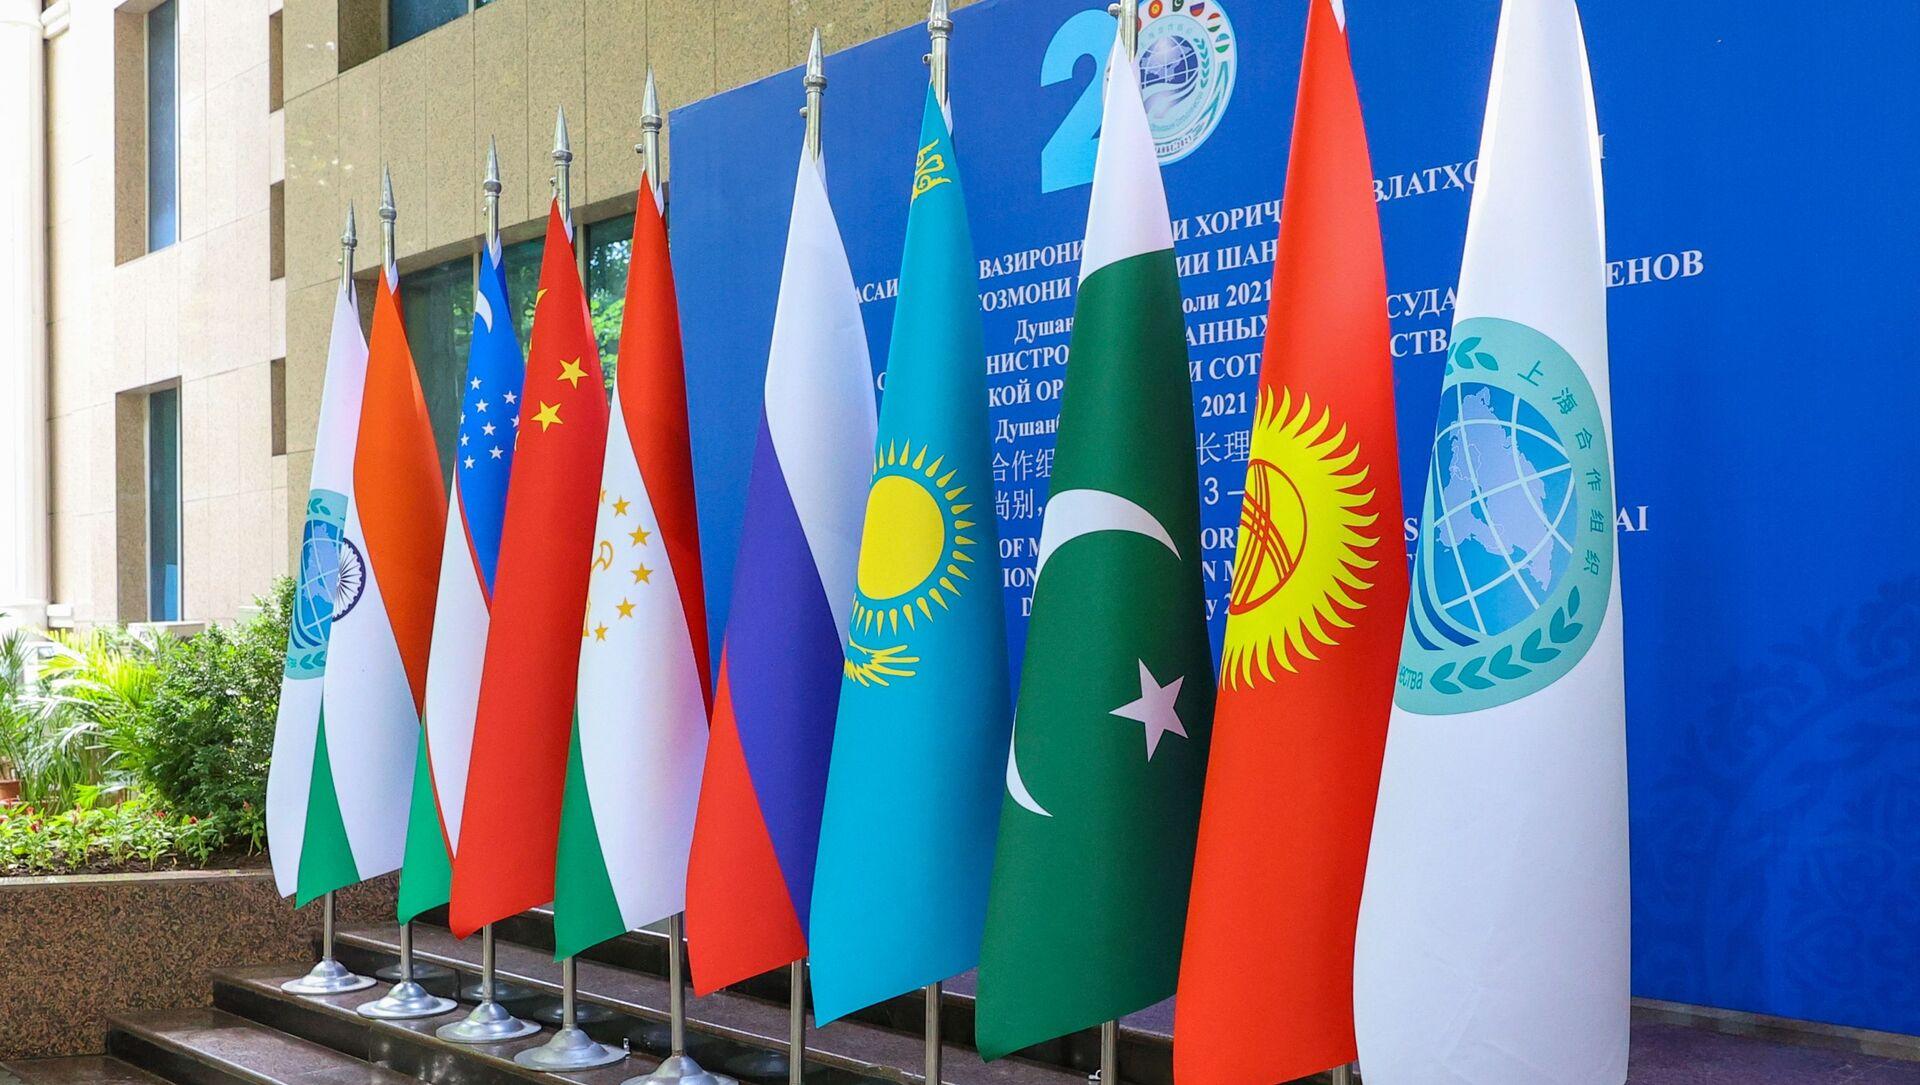 Заседание Совета министров иностранных дел государств - членов ШОС - Sputnik Azərbaycan, 1920, 17.09.2021